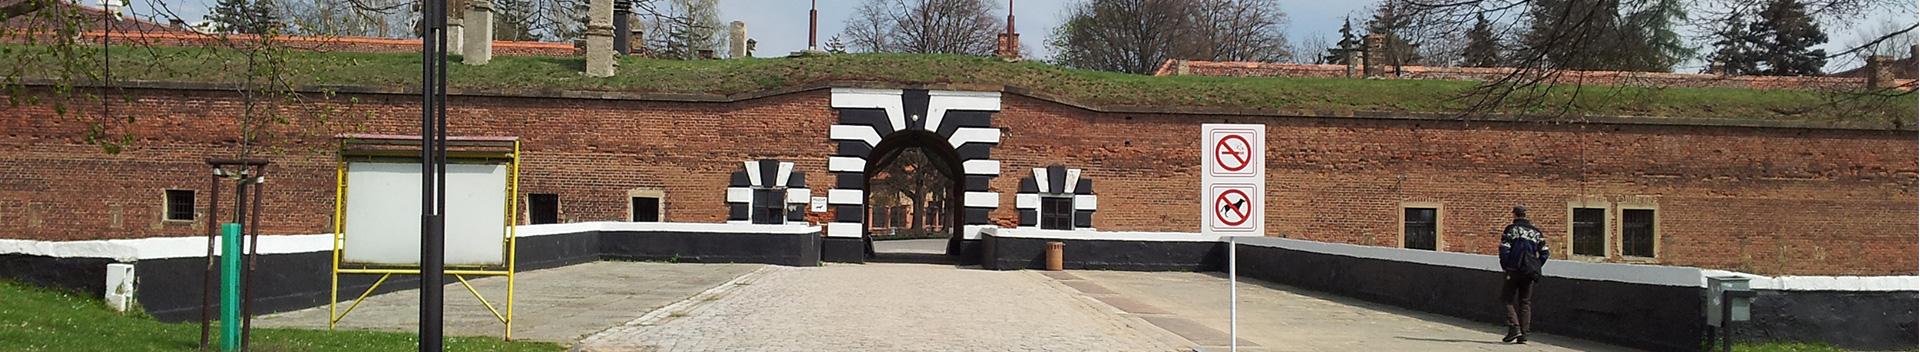 Terezin Prague Tours – Terezin Concentration Camp Private Tours